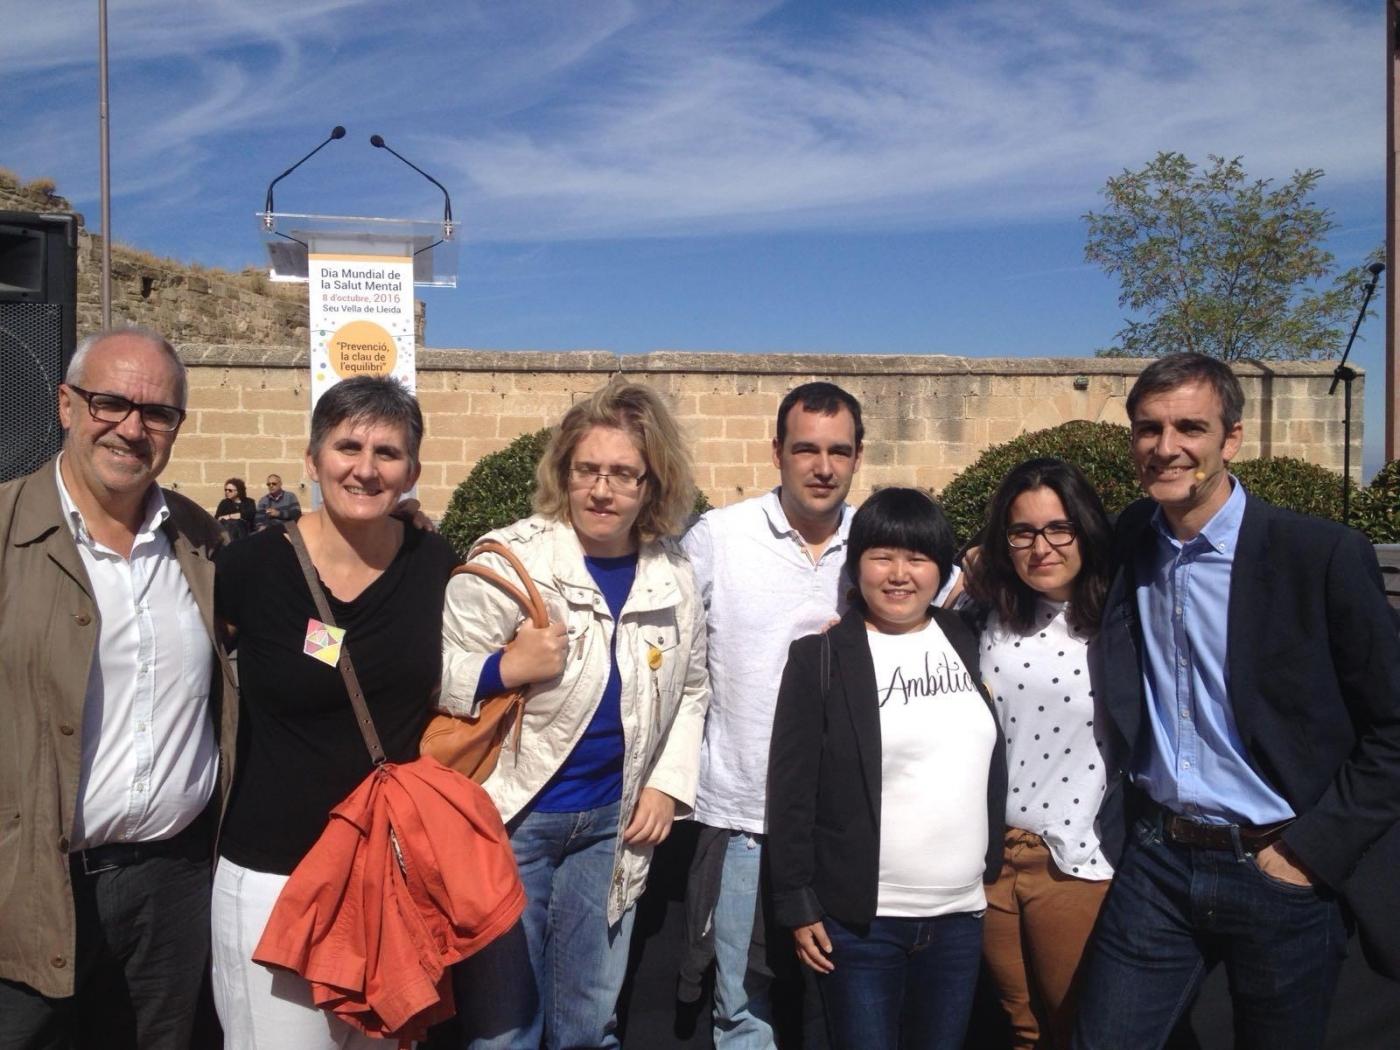 Alba jussà participa en el dia Mundial de la Salut Mental.